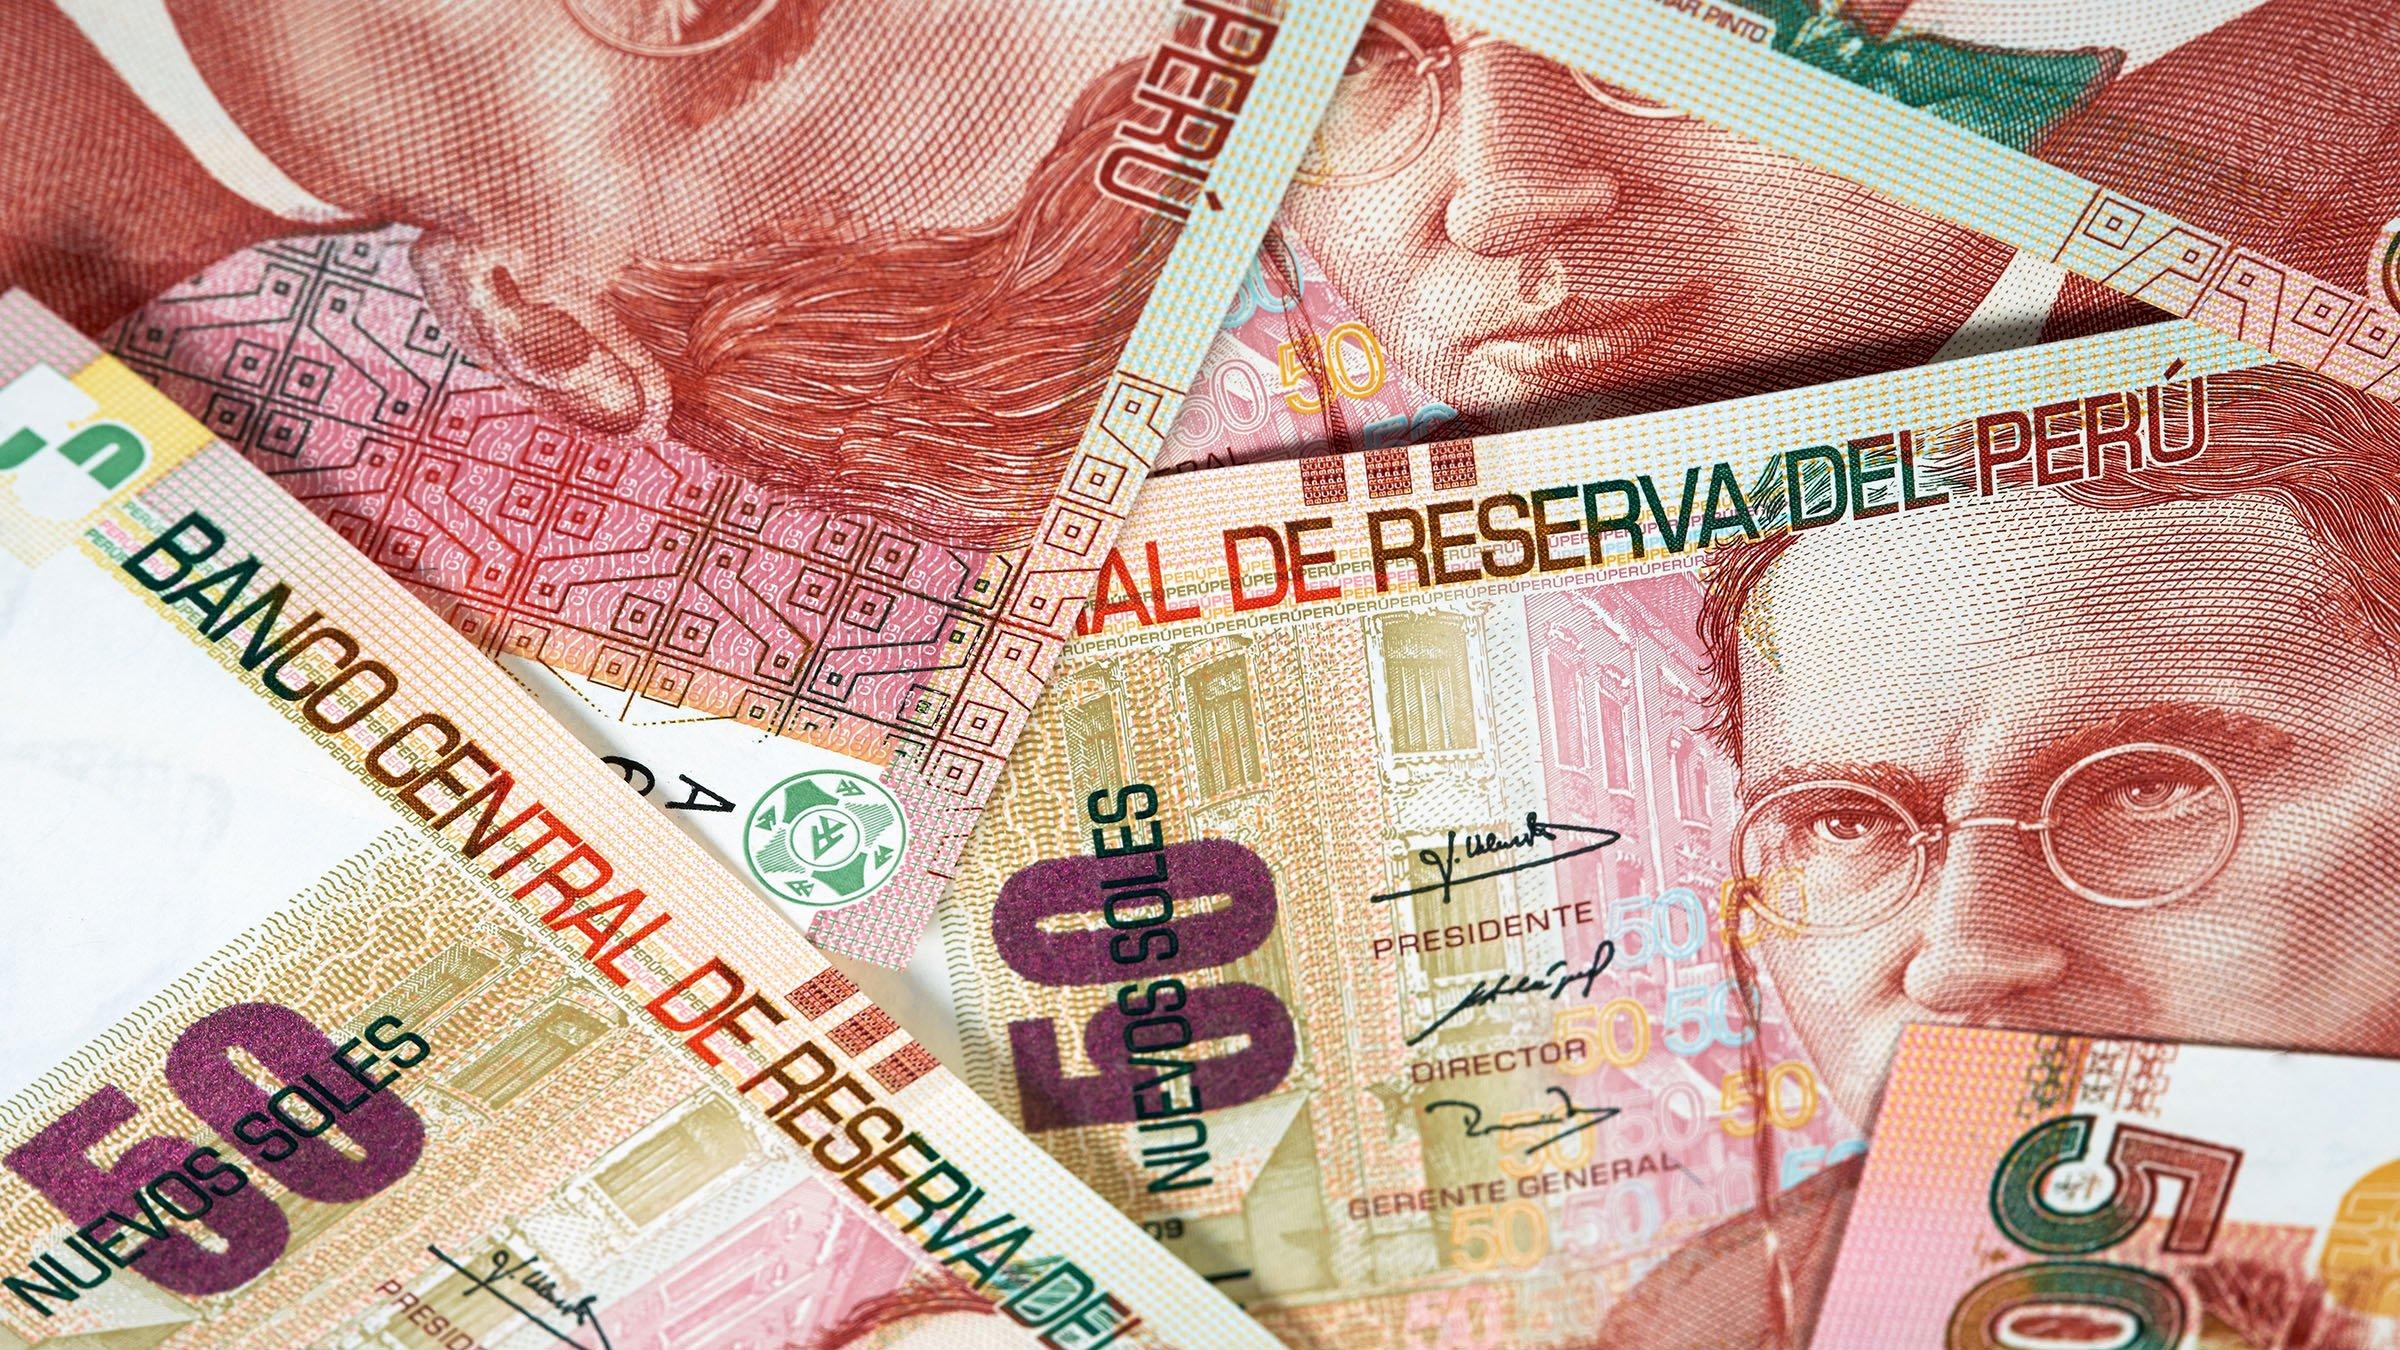 El Sol Peruano Historia Y Valor De La Moneda De Perú